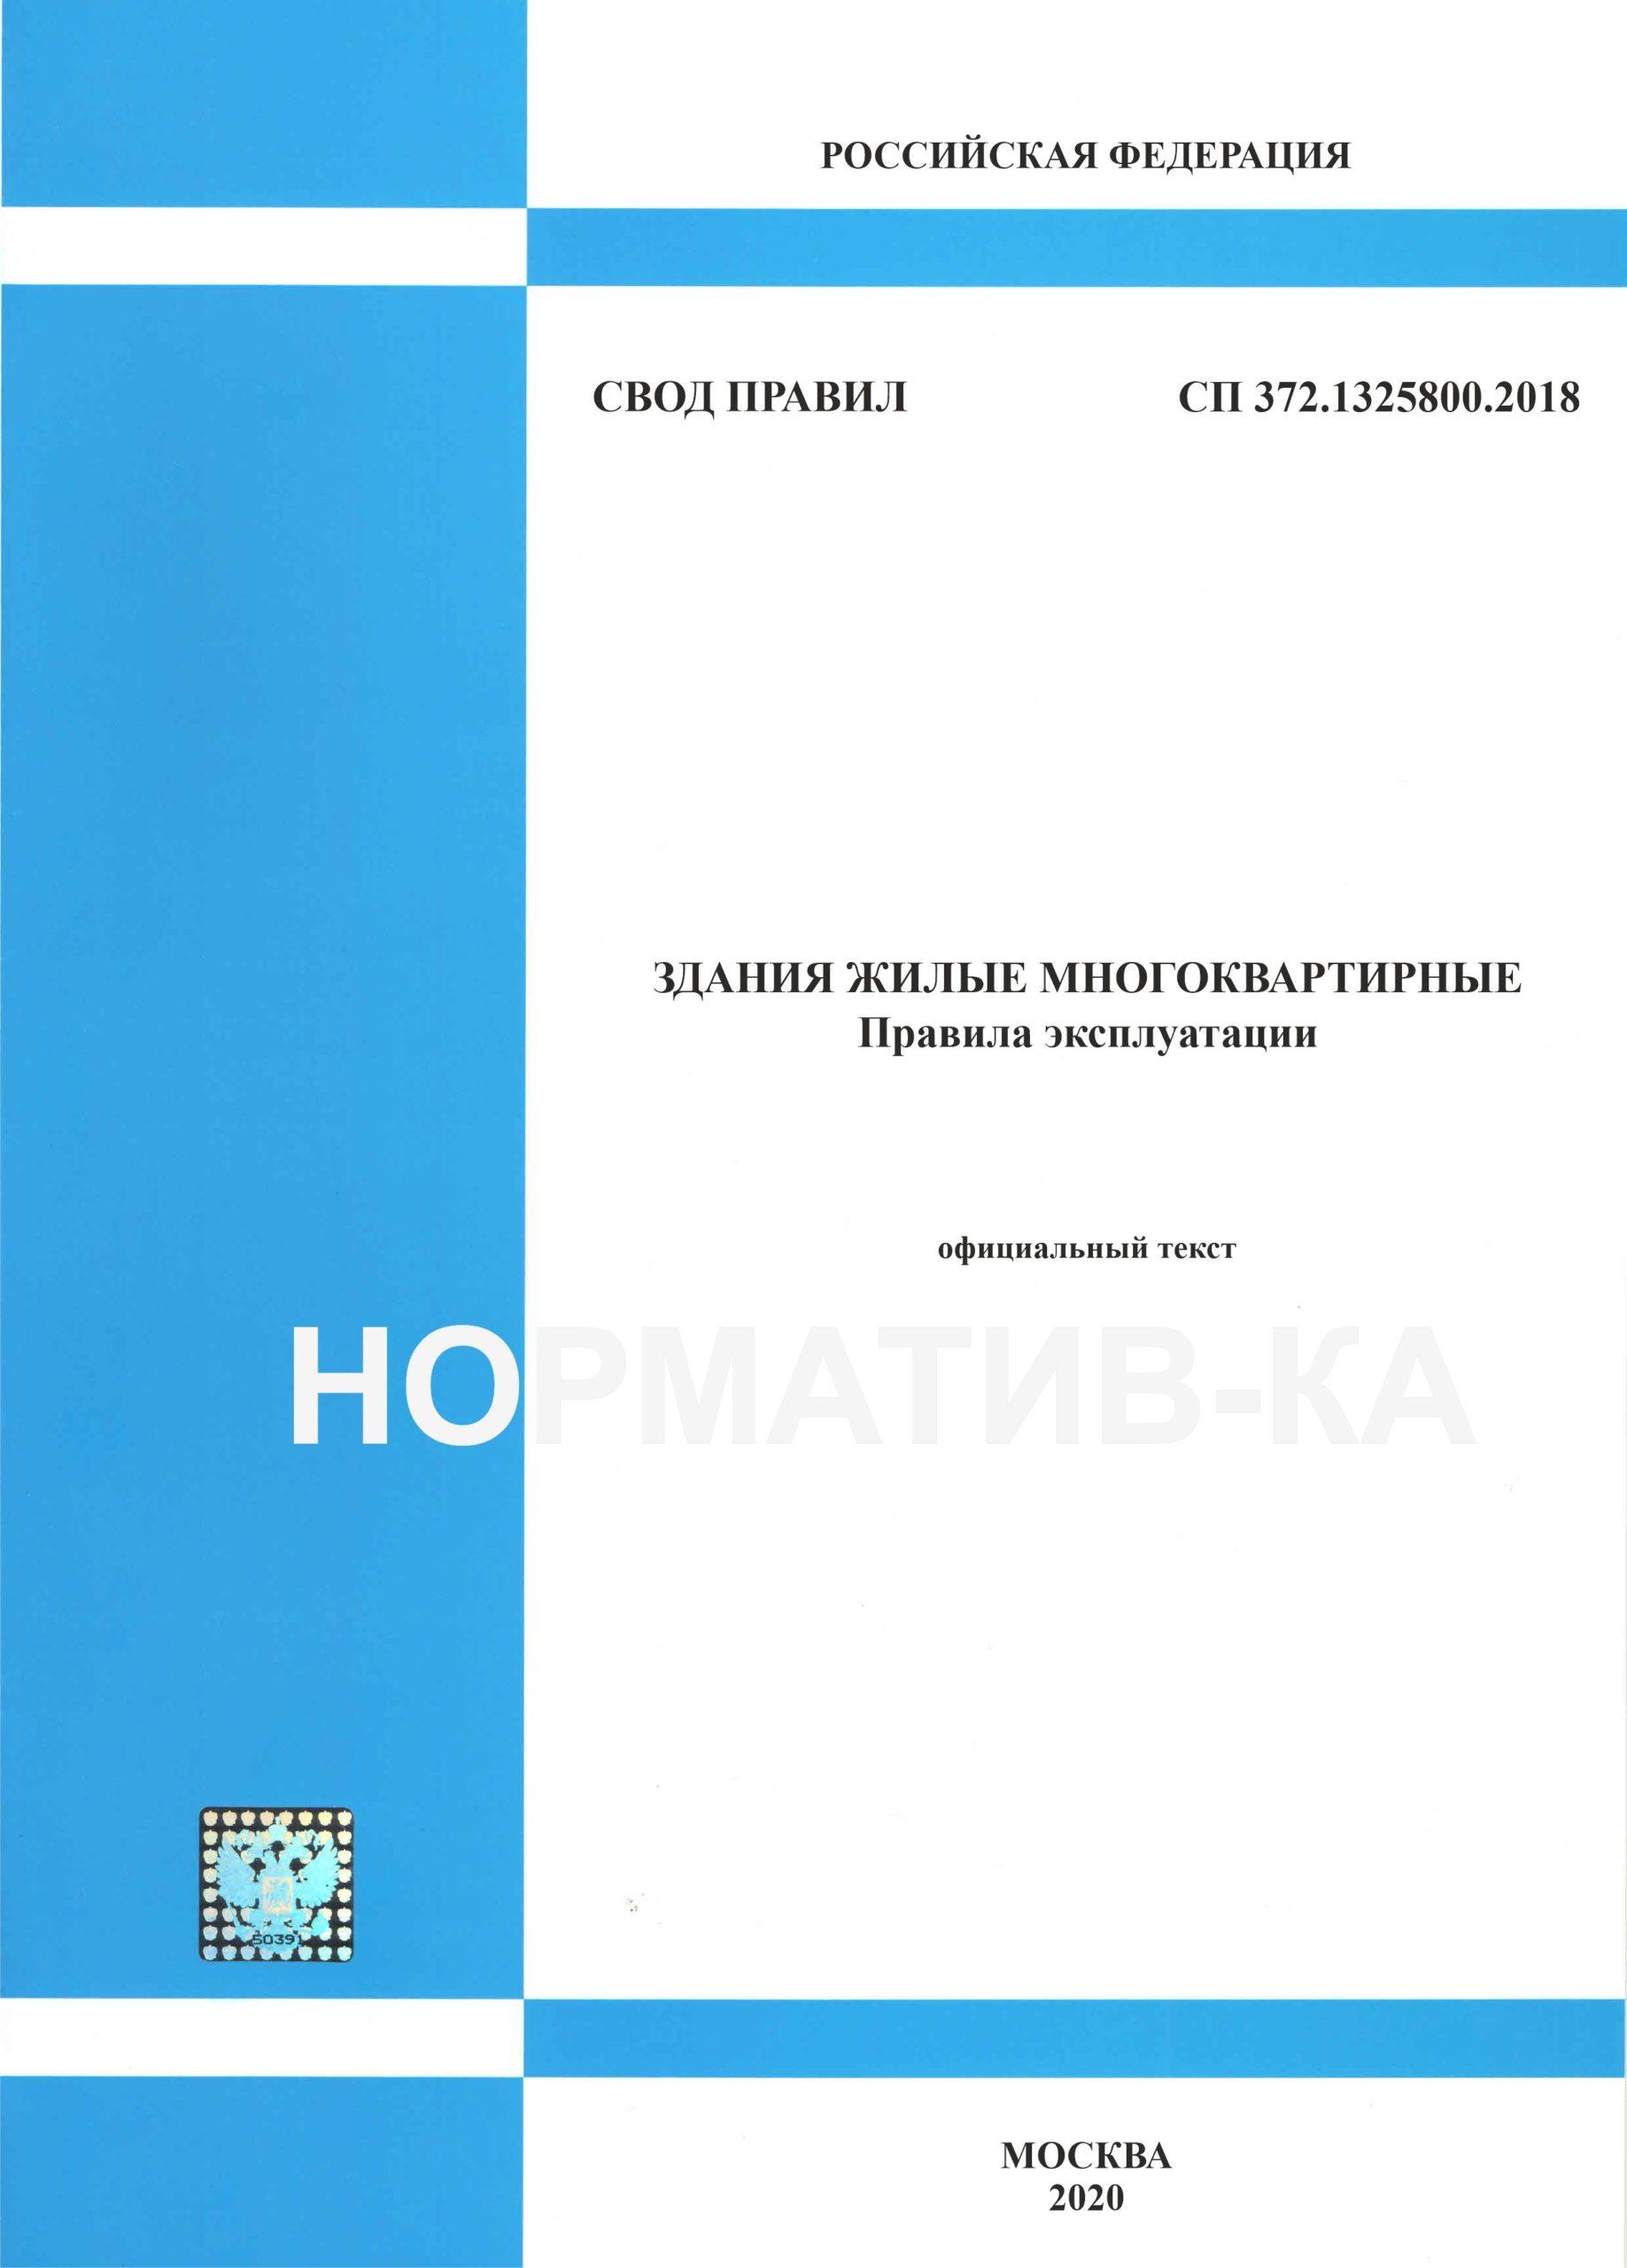 СП 372.1325800.2018